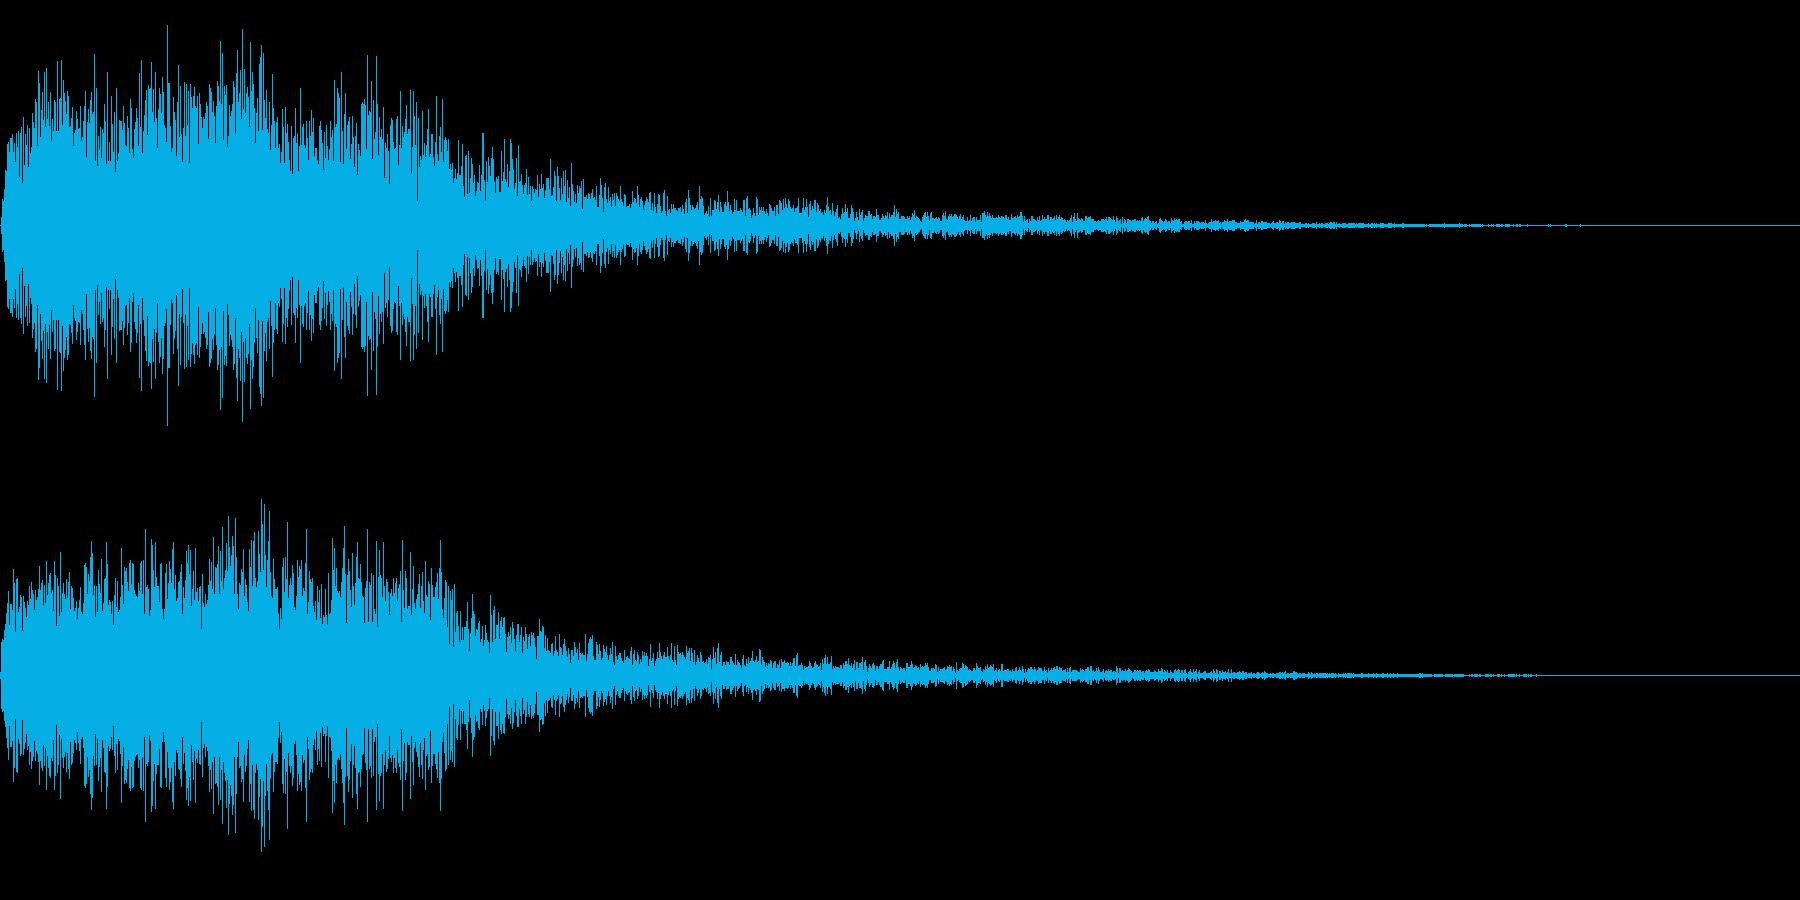 勇ましい場面転換音 CMイン シーン切替の再生済みの波形